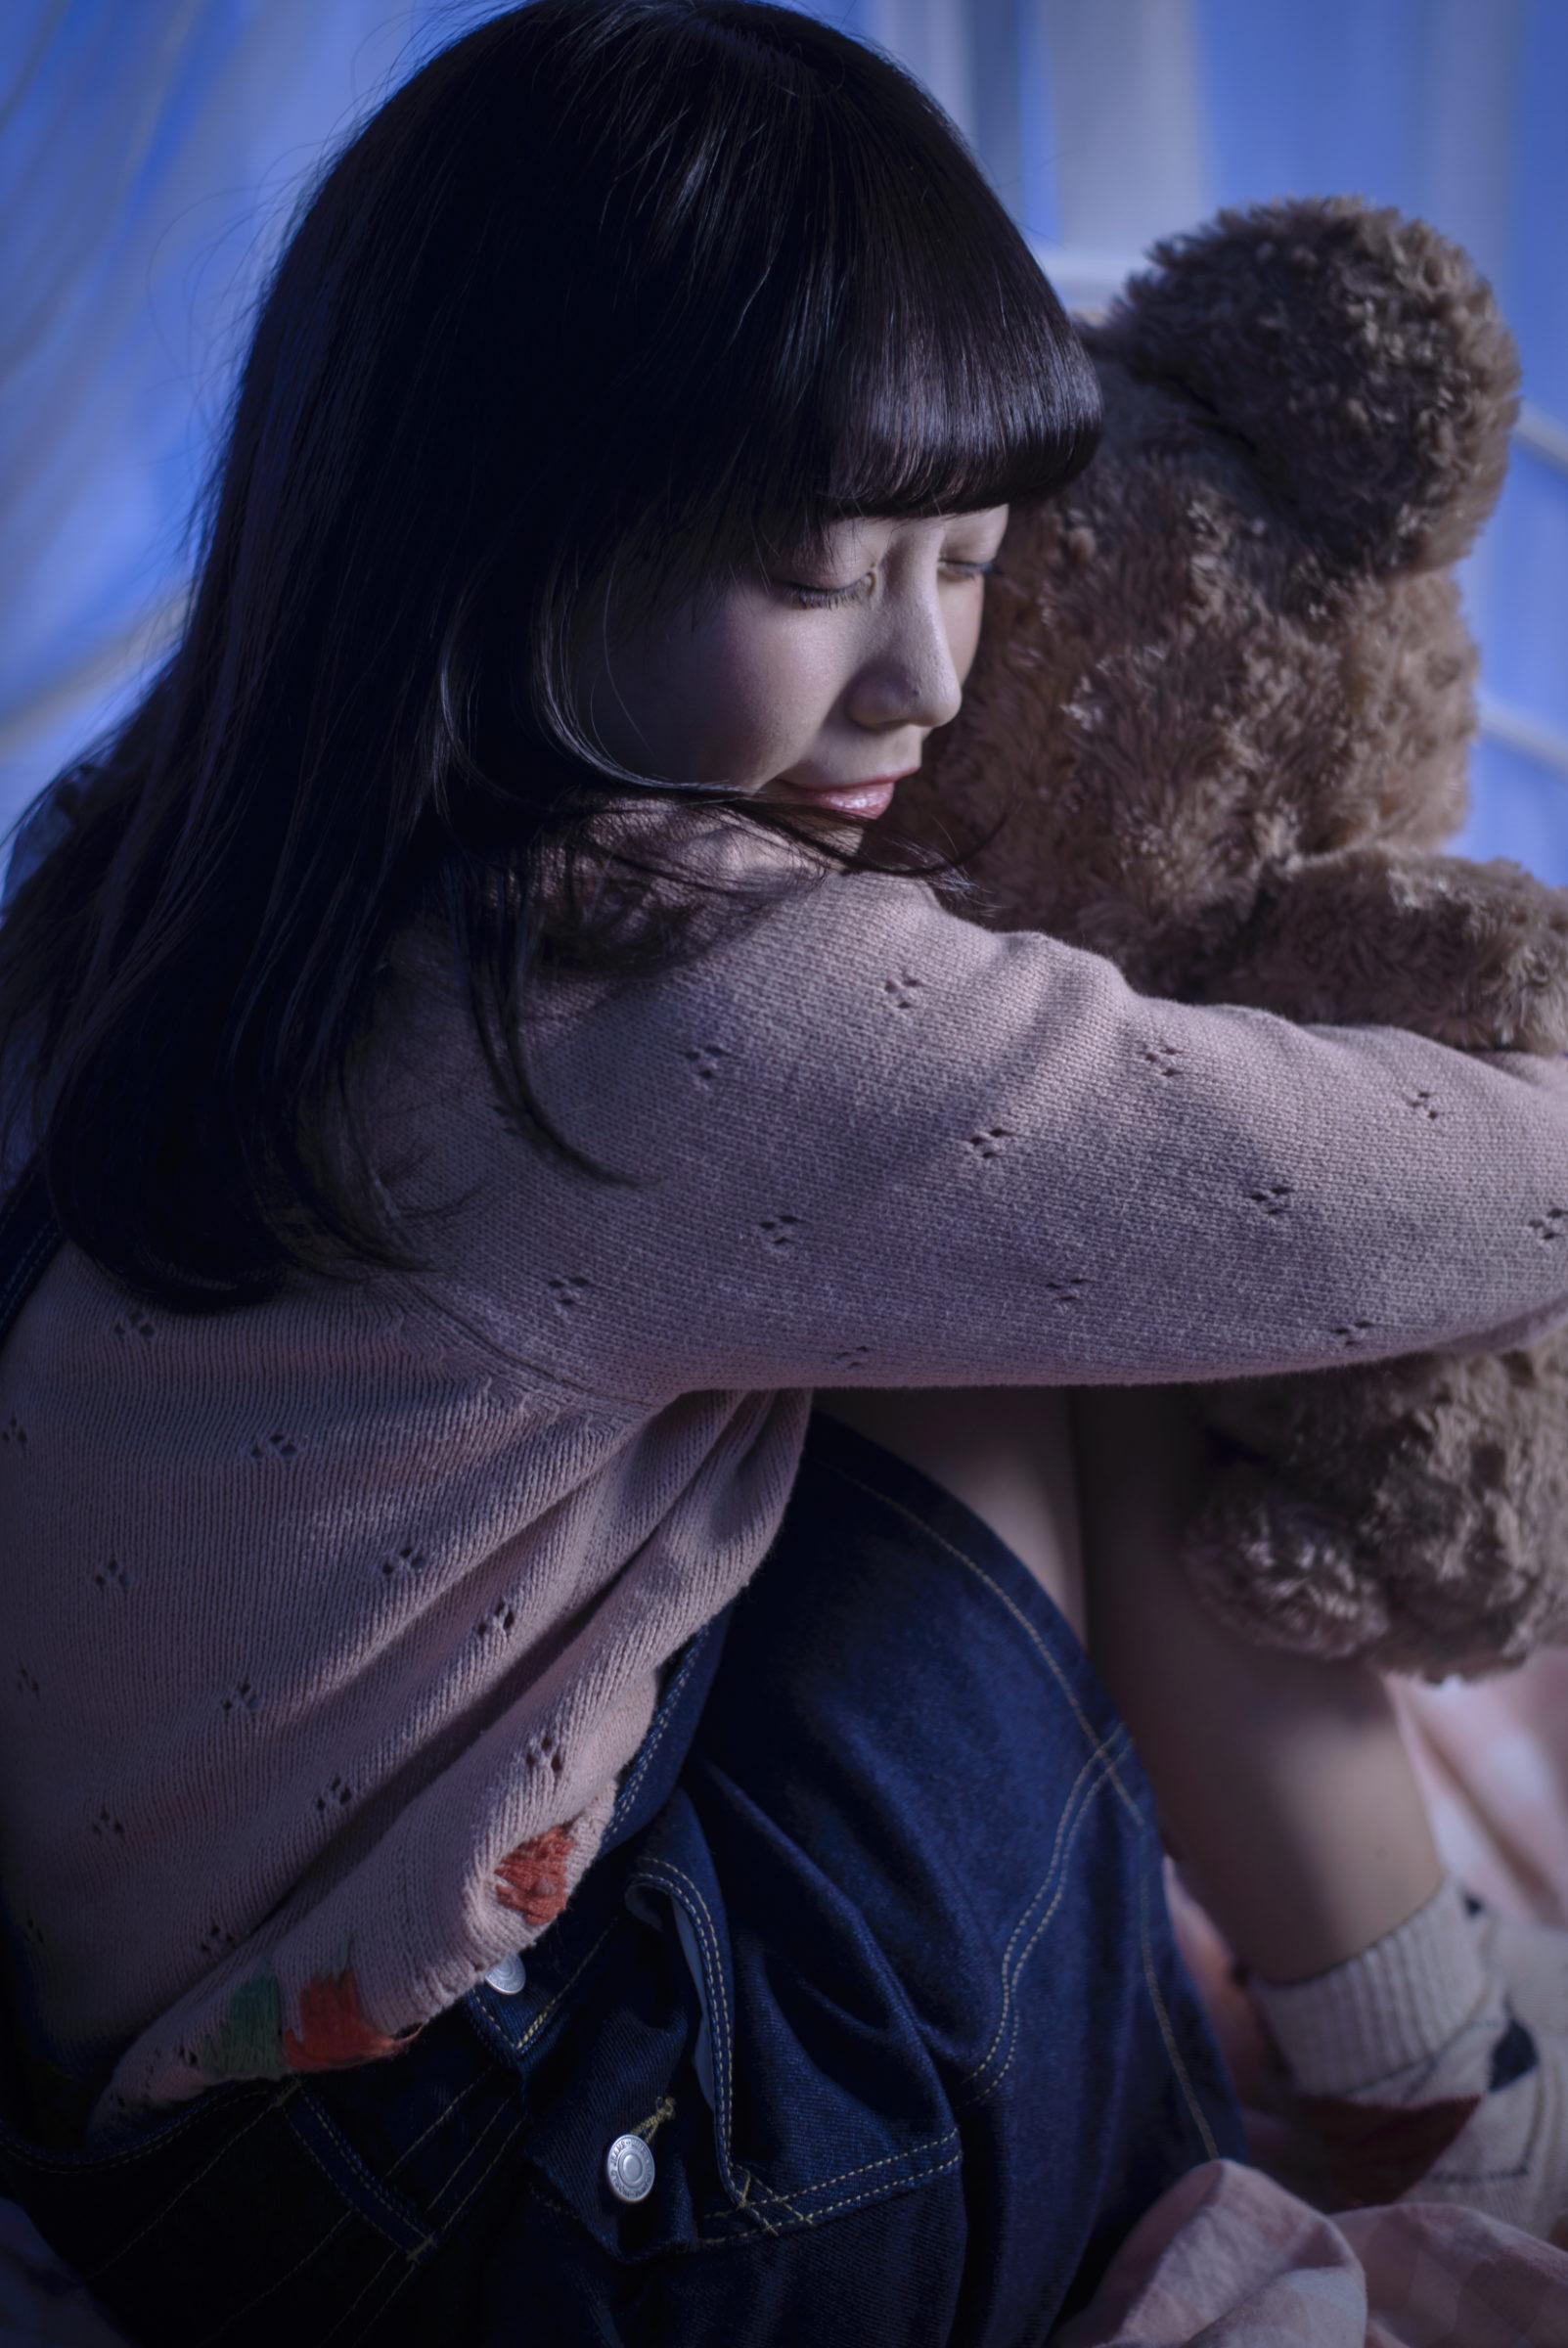 2代目HAPPY少女♪- ゆいな ( 宮崎ゆいな ) | ライブプロスタジオ撮影会・個撮会